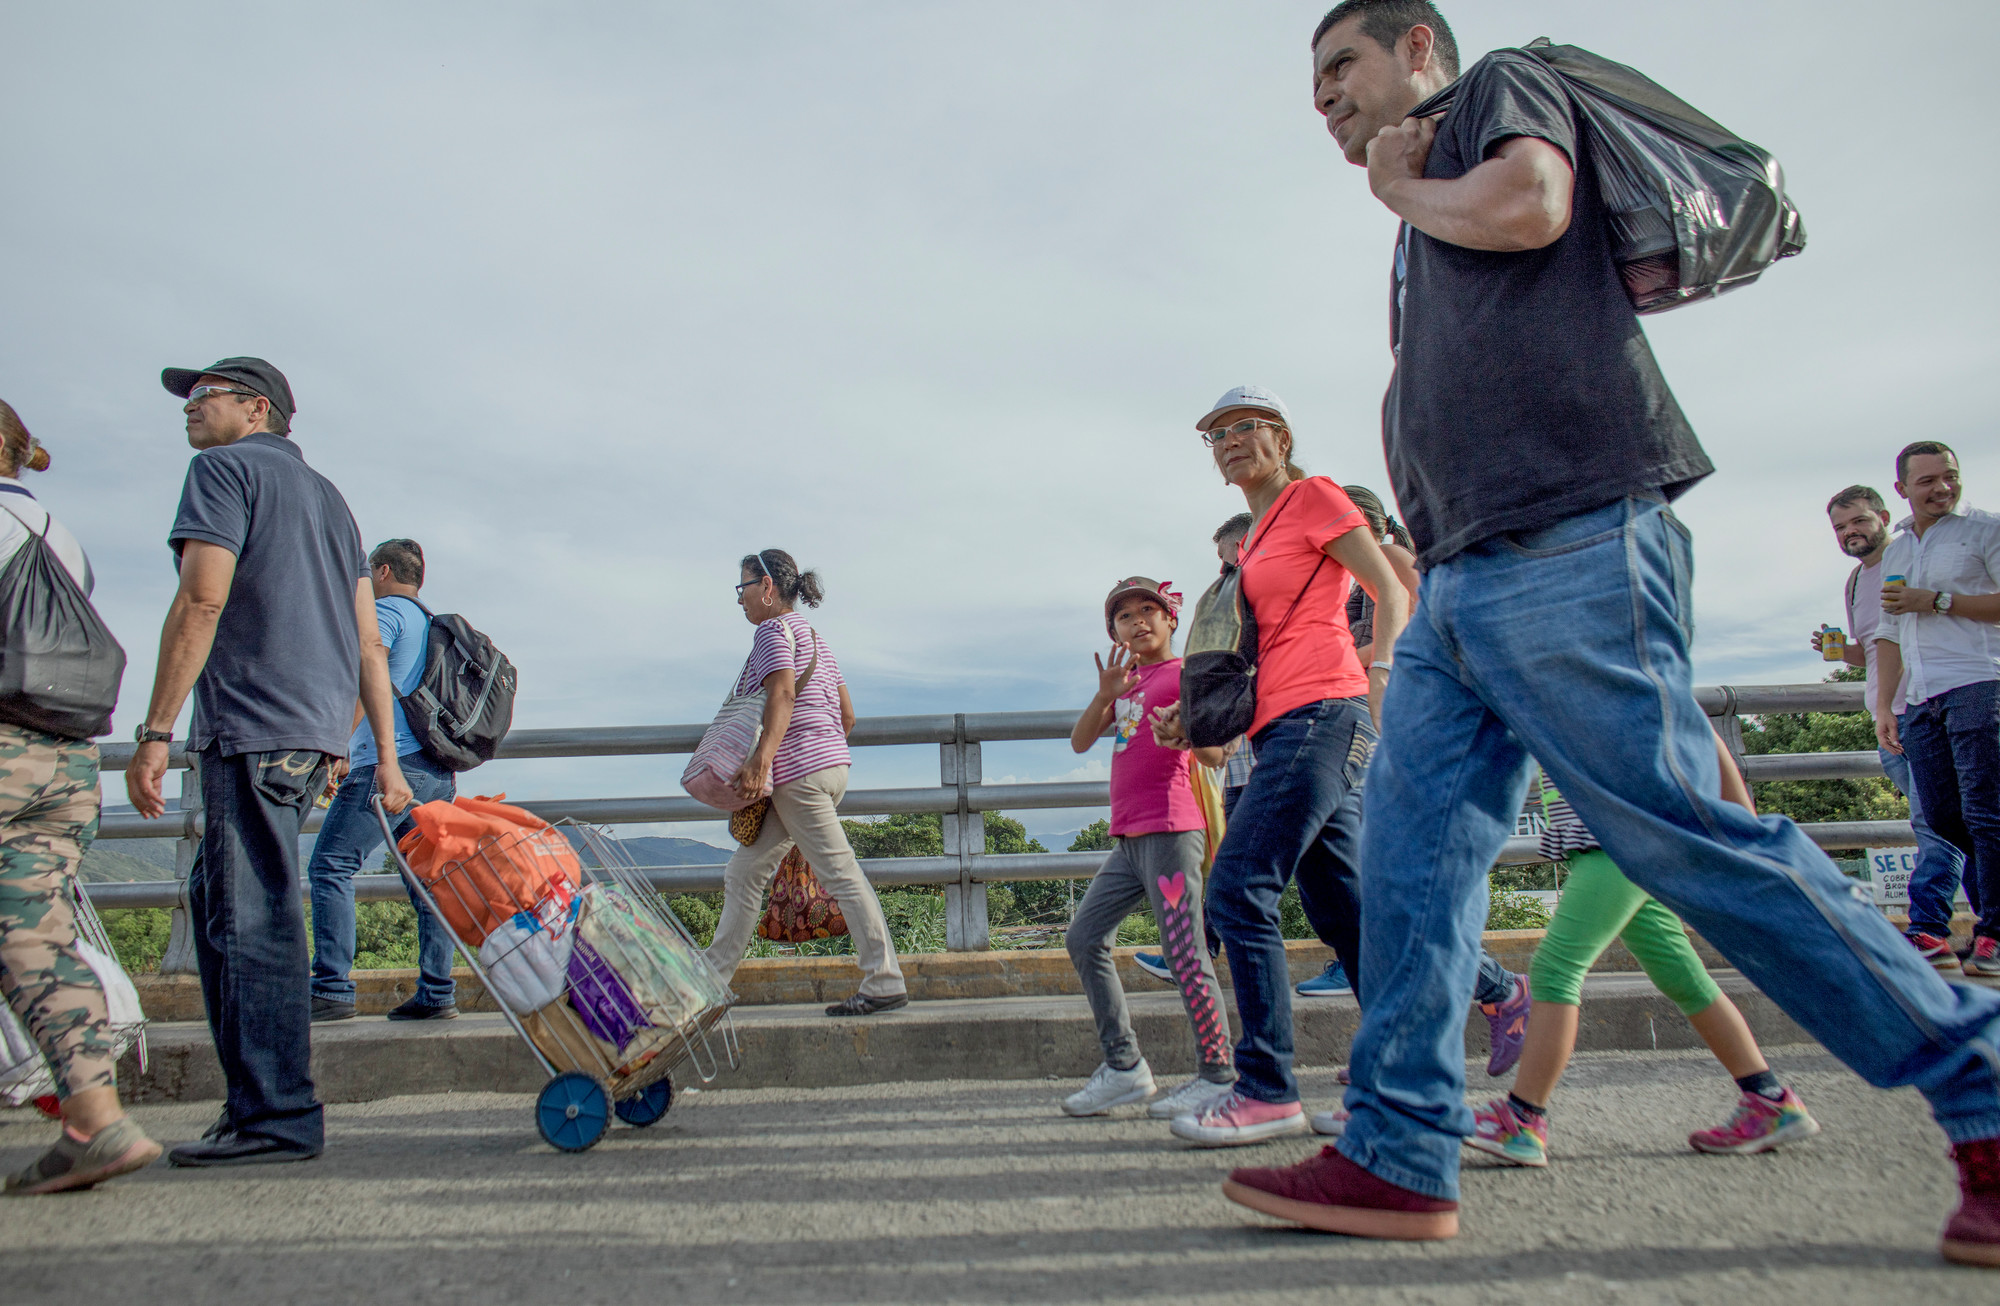 Chaque jour, il y a un flux constant de migrants qui passent dans chaque direction, au poste frontière entre le Venezuela et la Colombie dans la ville de Cucuta le 8 mai 2019. Certains sont des migrants pendulaires travaillant et vivant dans les deux endroits et d'autres sont venus fuir. Venezuela.